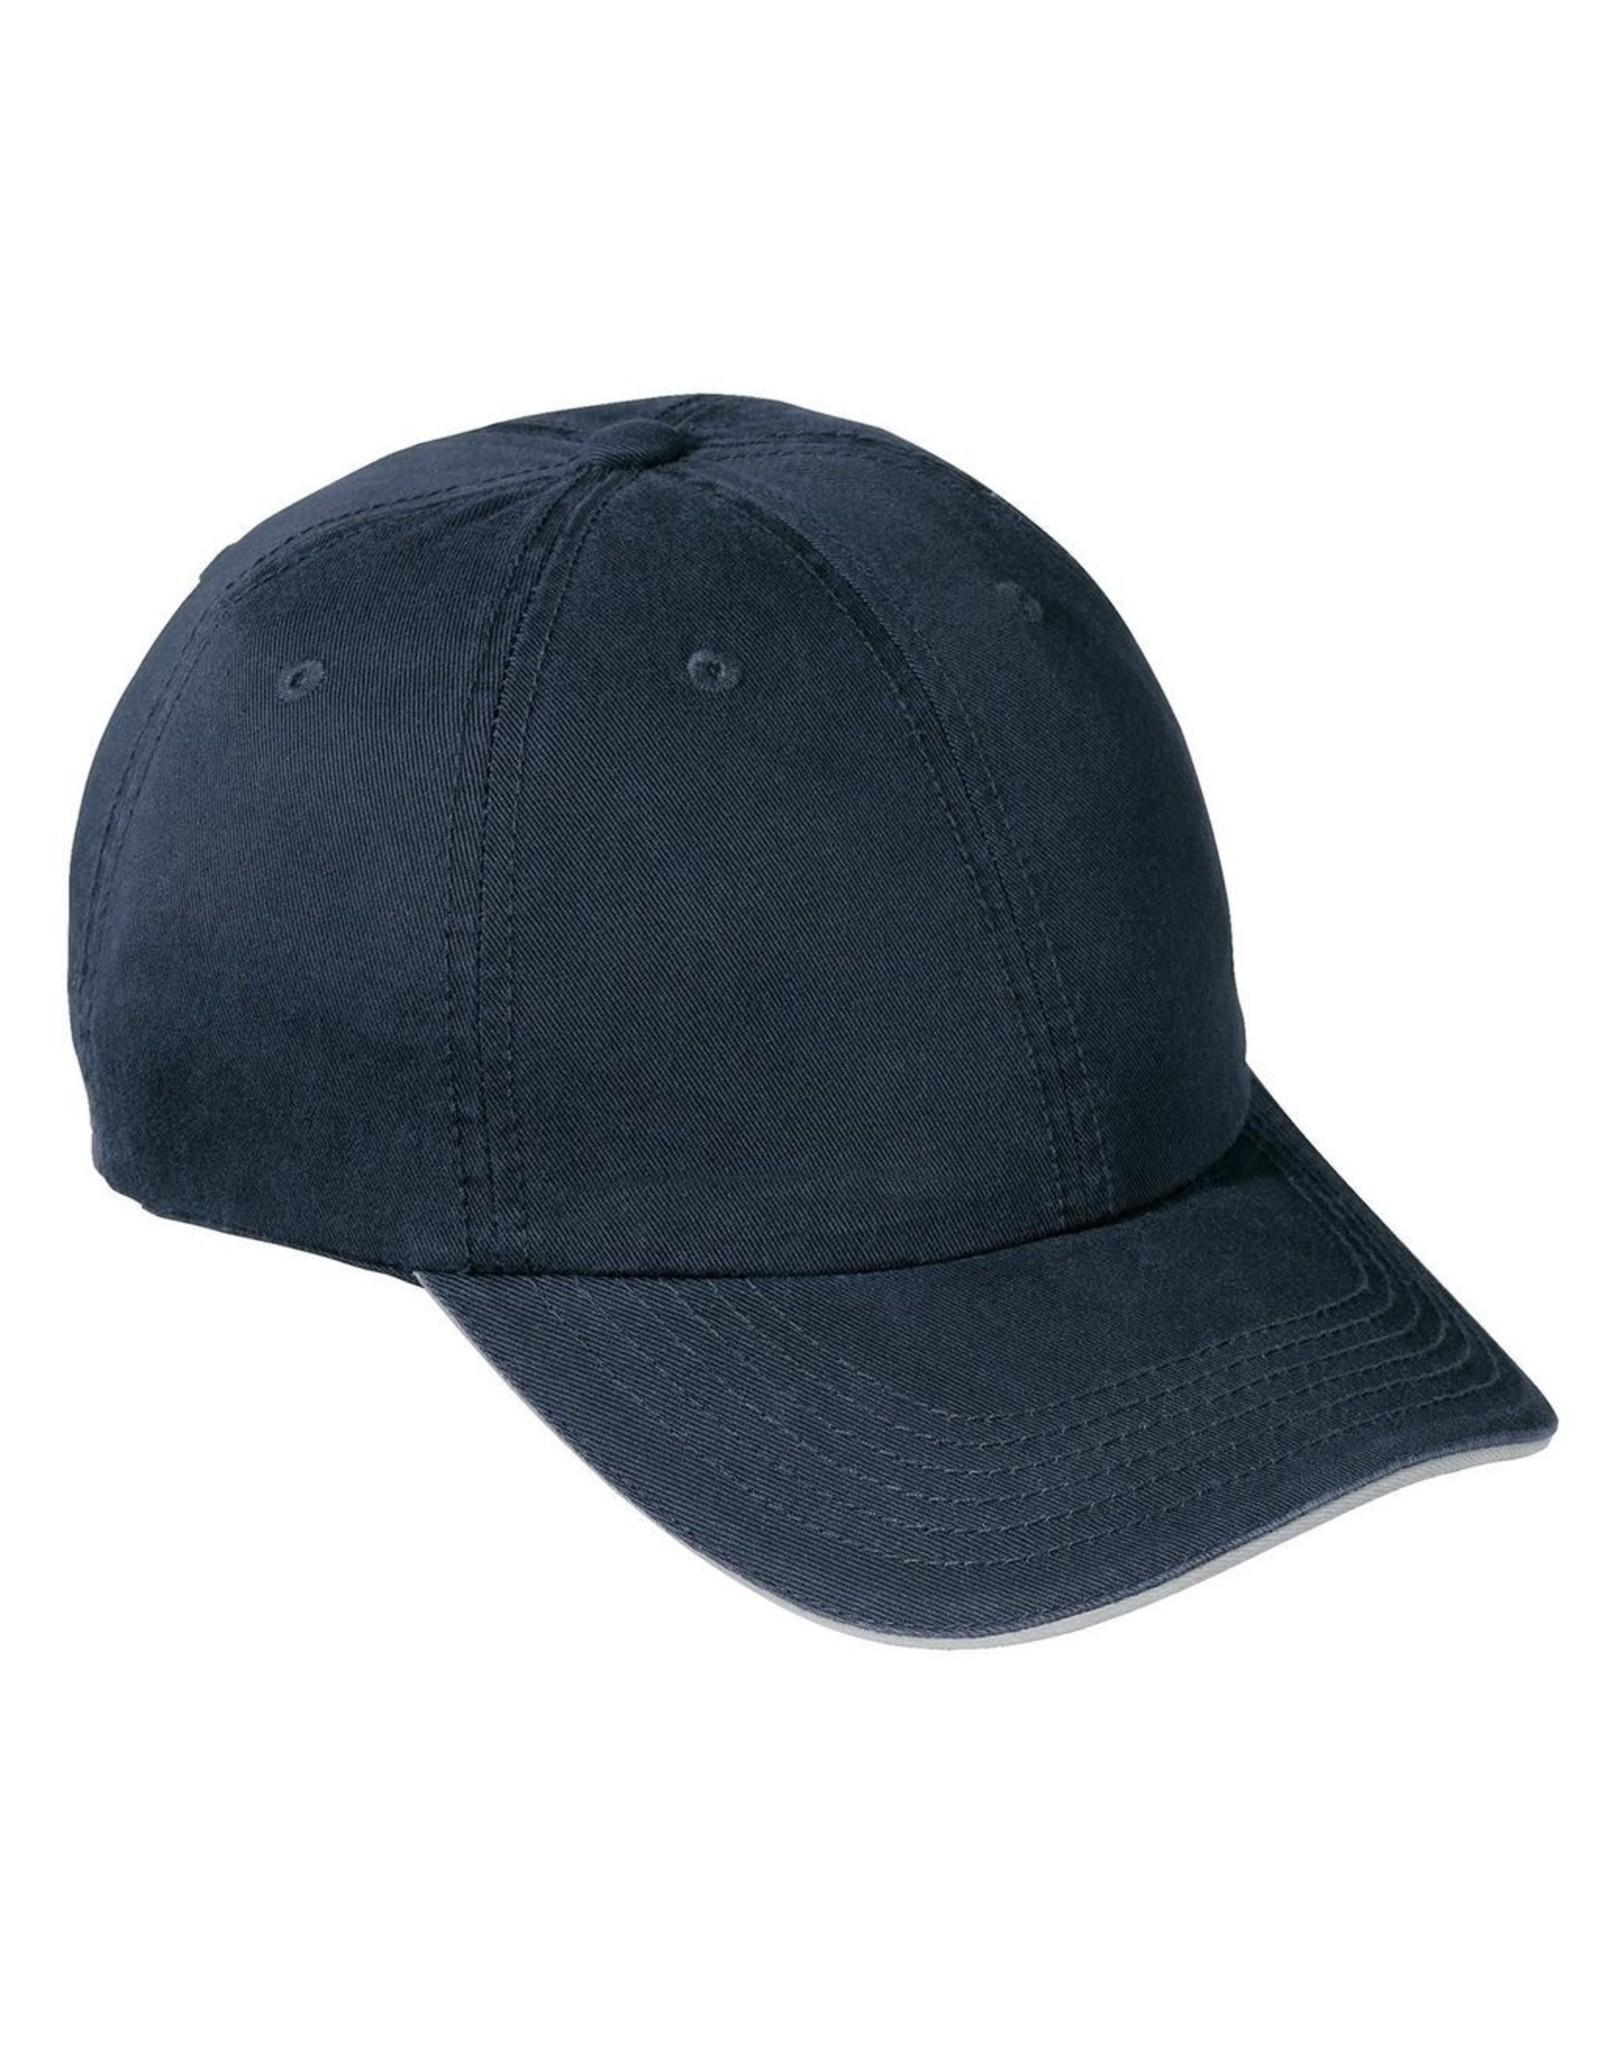 NON-UNIFORM Custom Hat - Cap